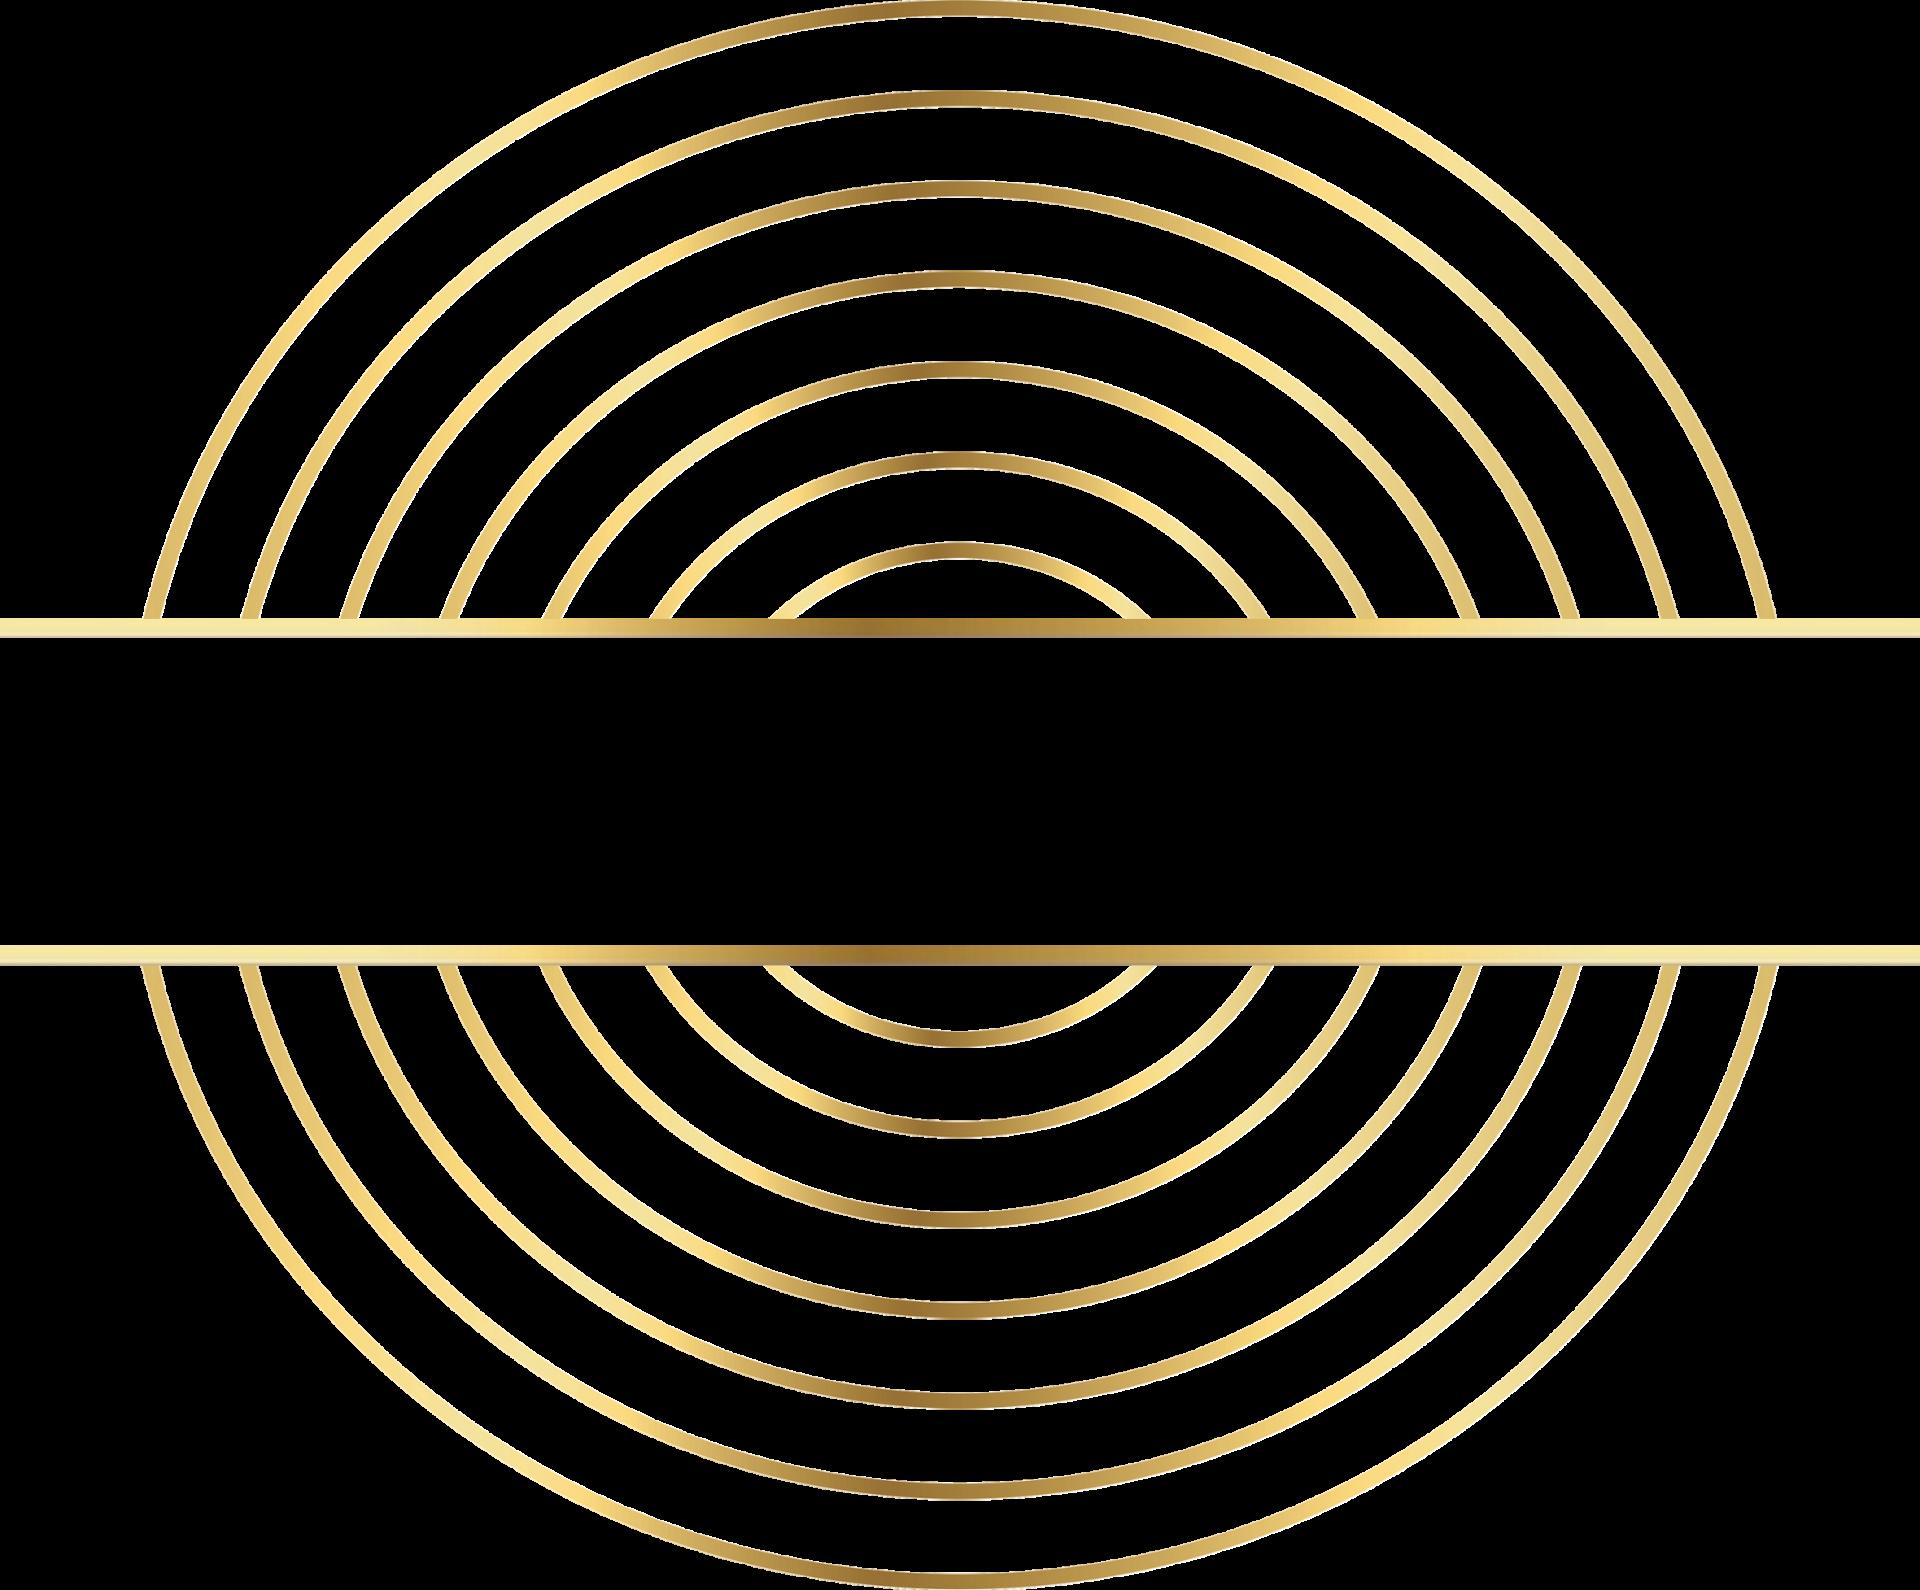 Cercles dores sandrine martina 01